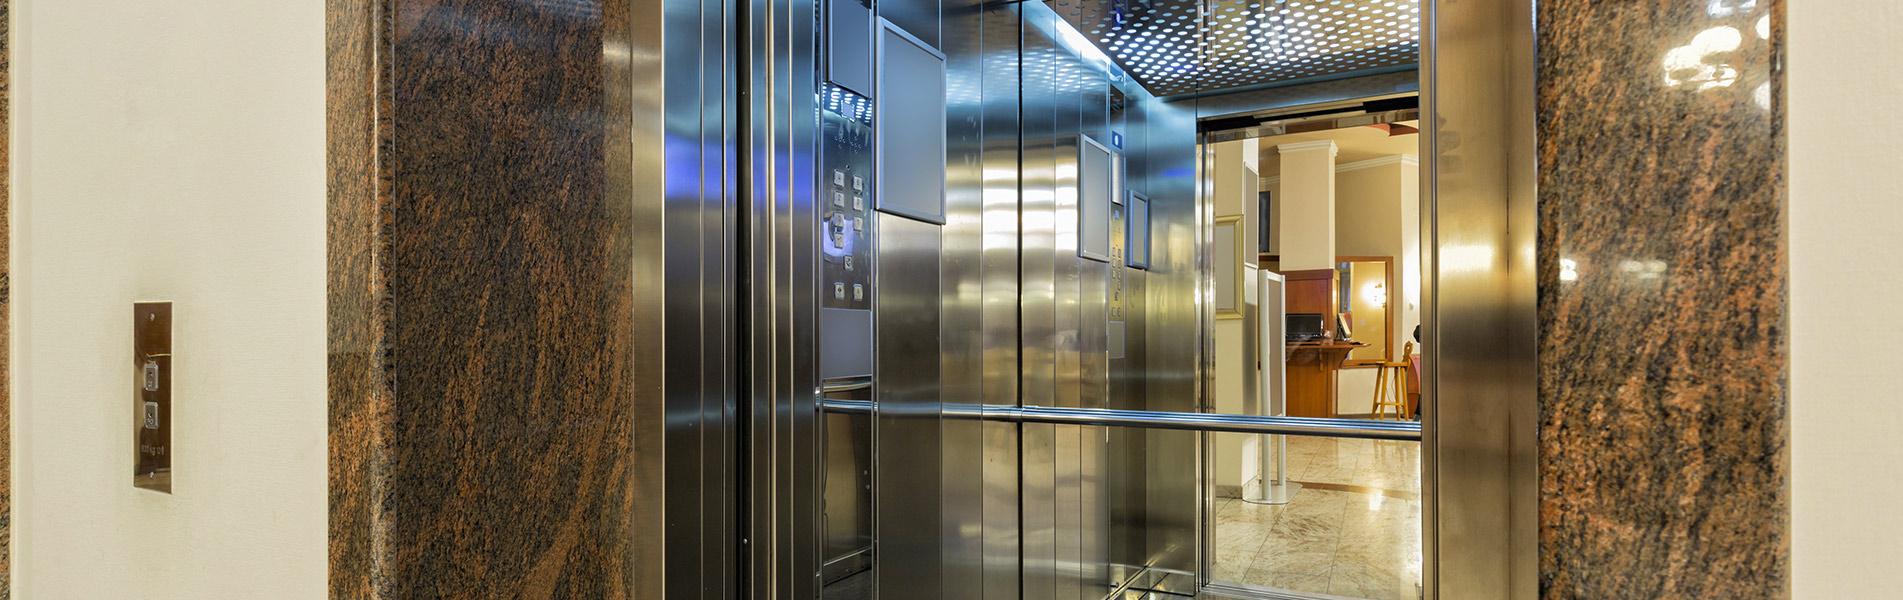 Elevator Cab Interiors in Florida | Elevator Interior Design